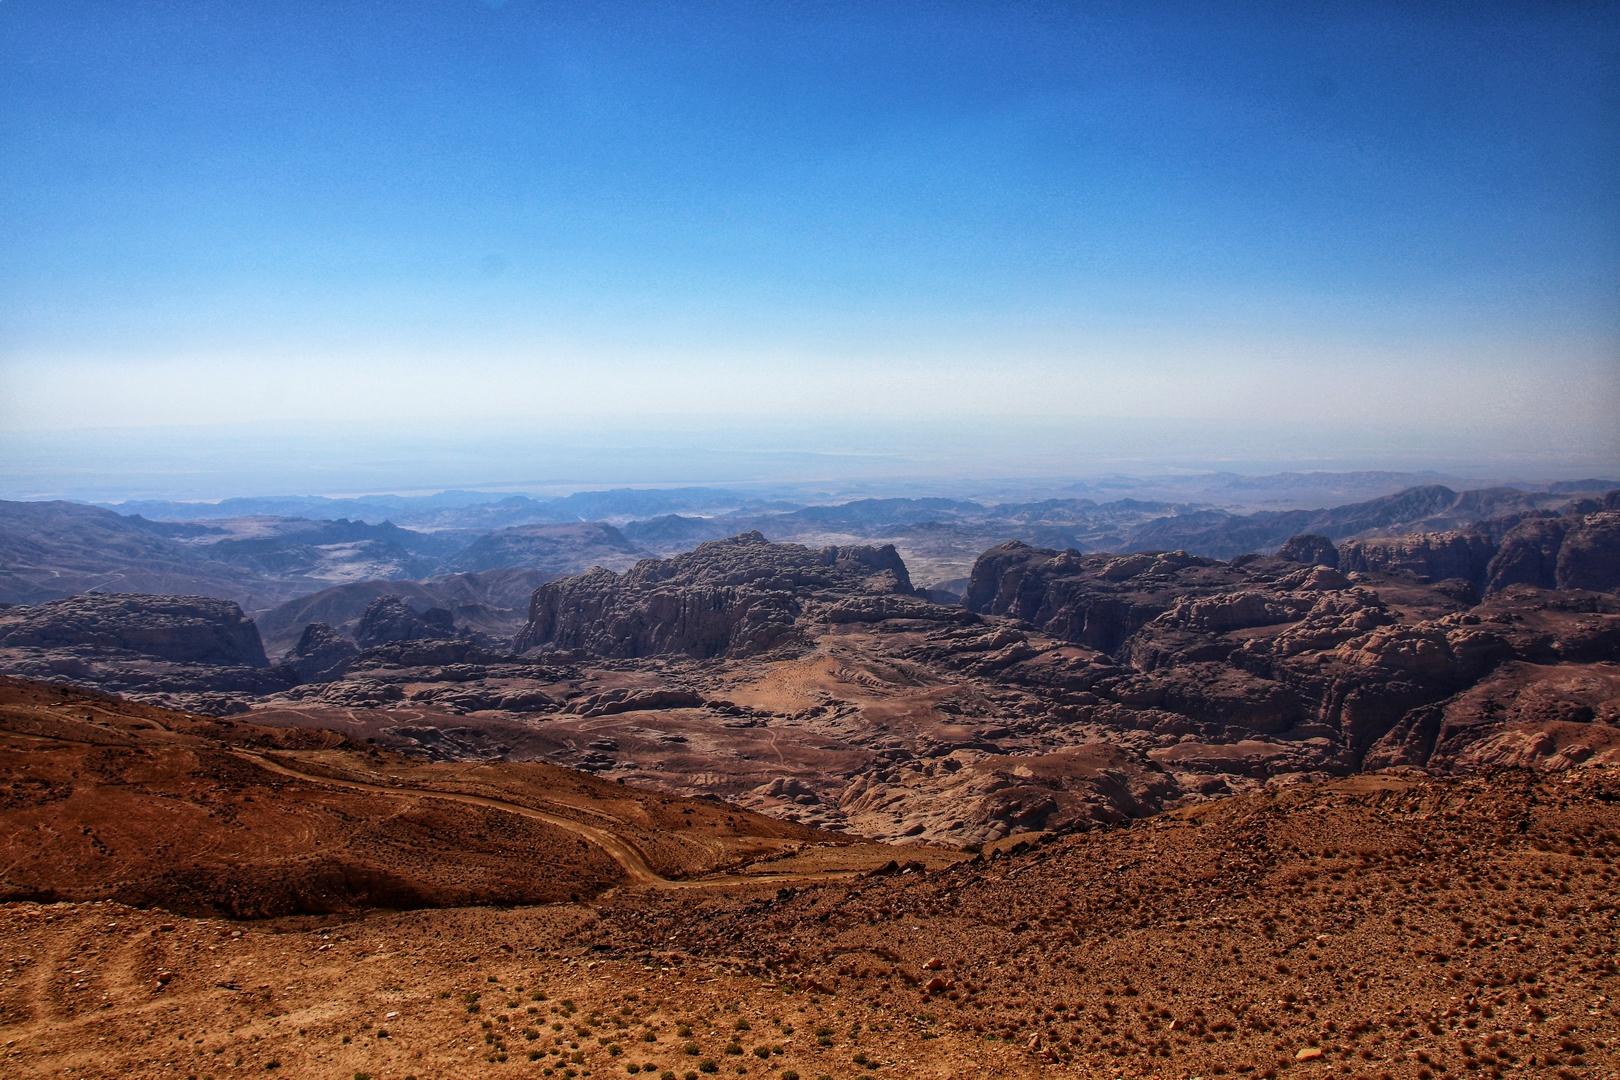 Jordanie - Vue du haut de Little Petra